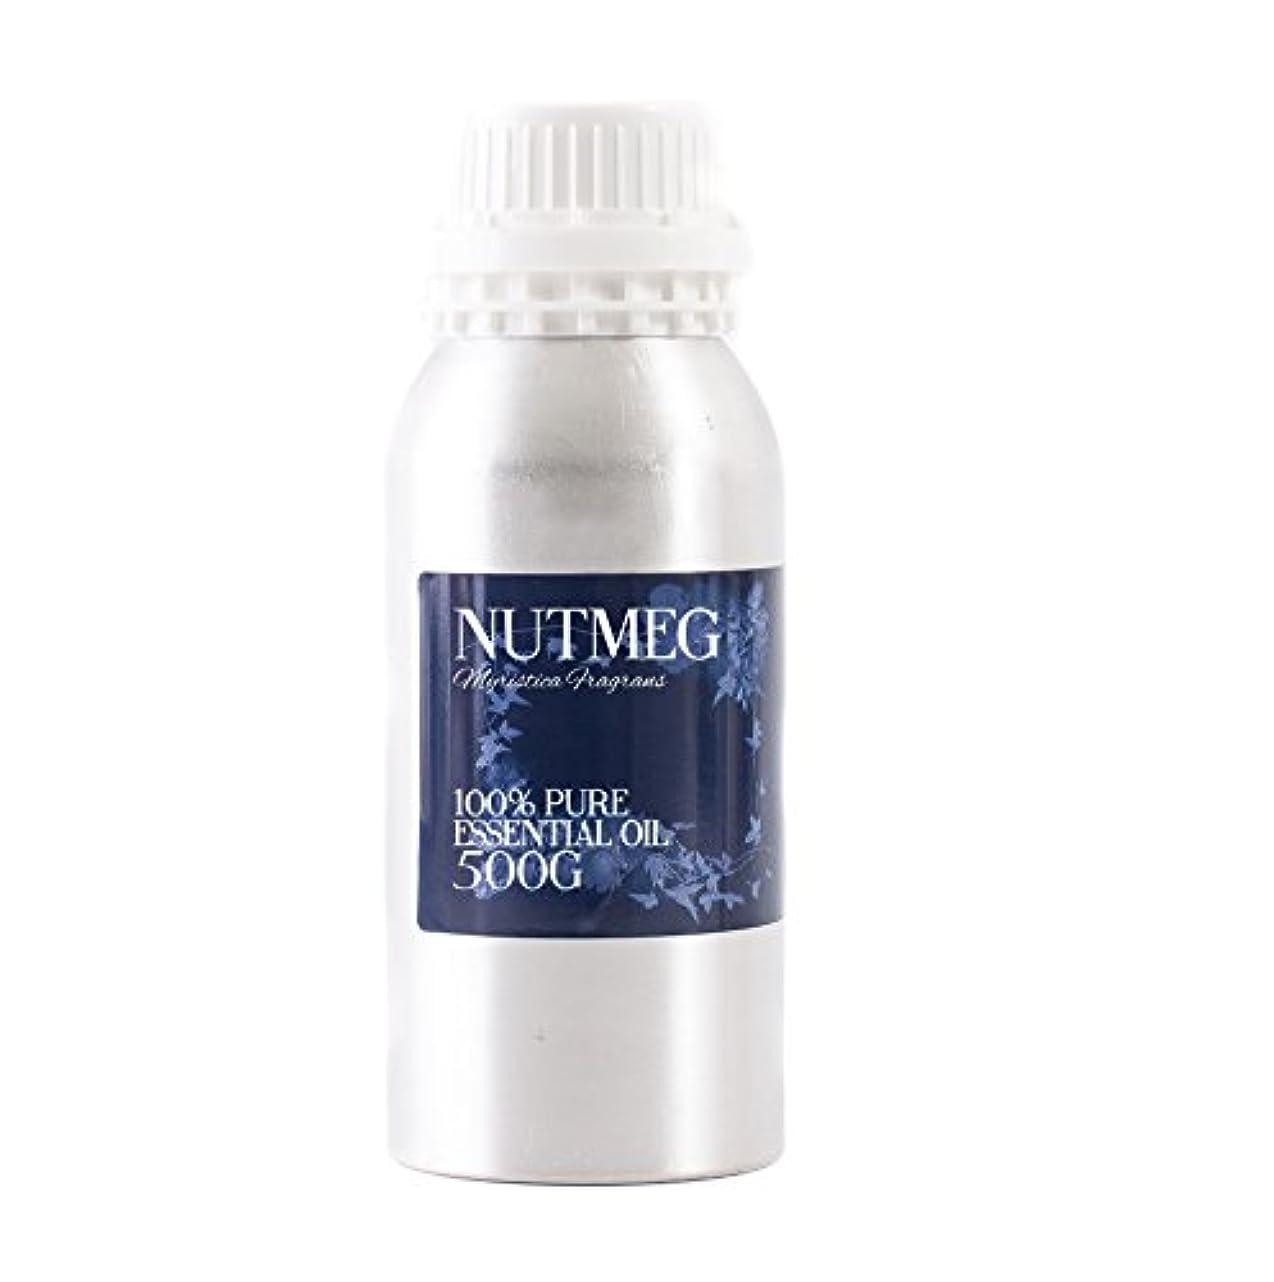 さようなら修正するエチケットMystic Moments | Nutmeg Essential Oil - 500g - 100% Pure